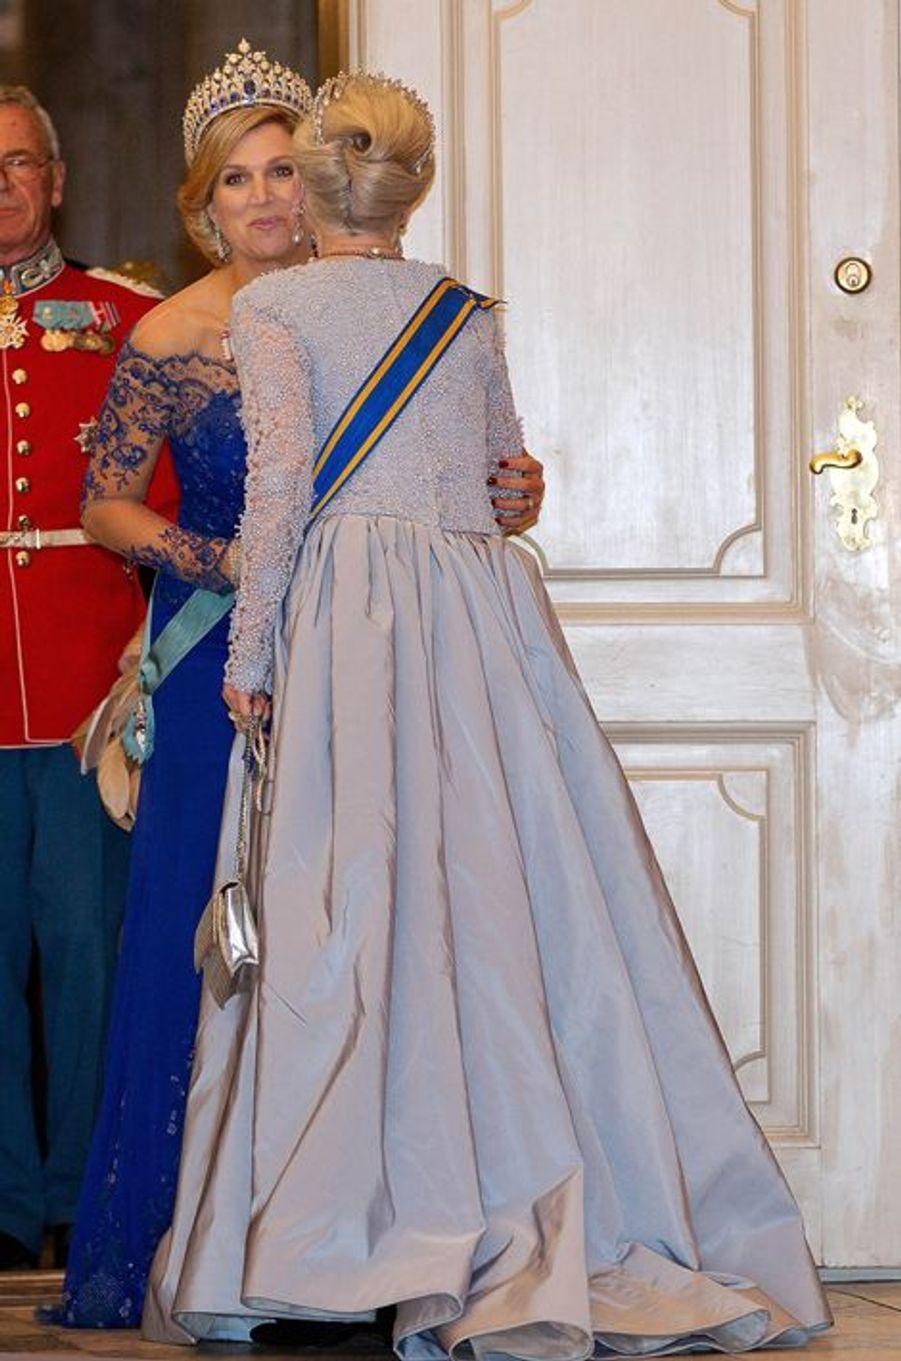 La reine Maxima des Pays-Bas avec la reine Margrethe II de Danemark à Copenhague, le 17 mars 2015